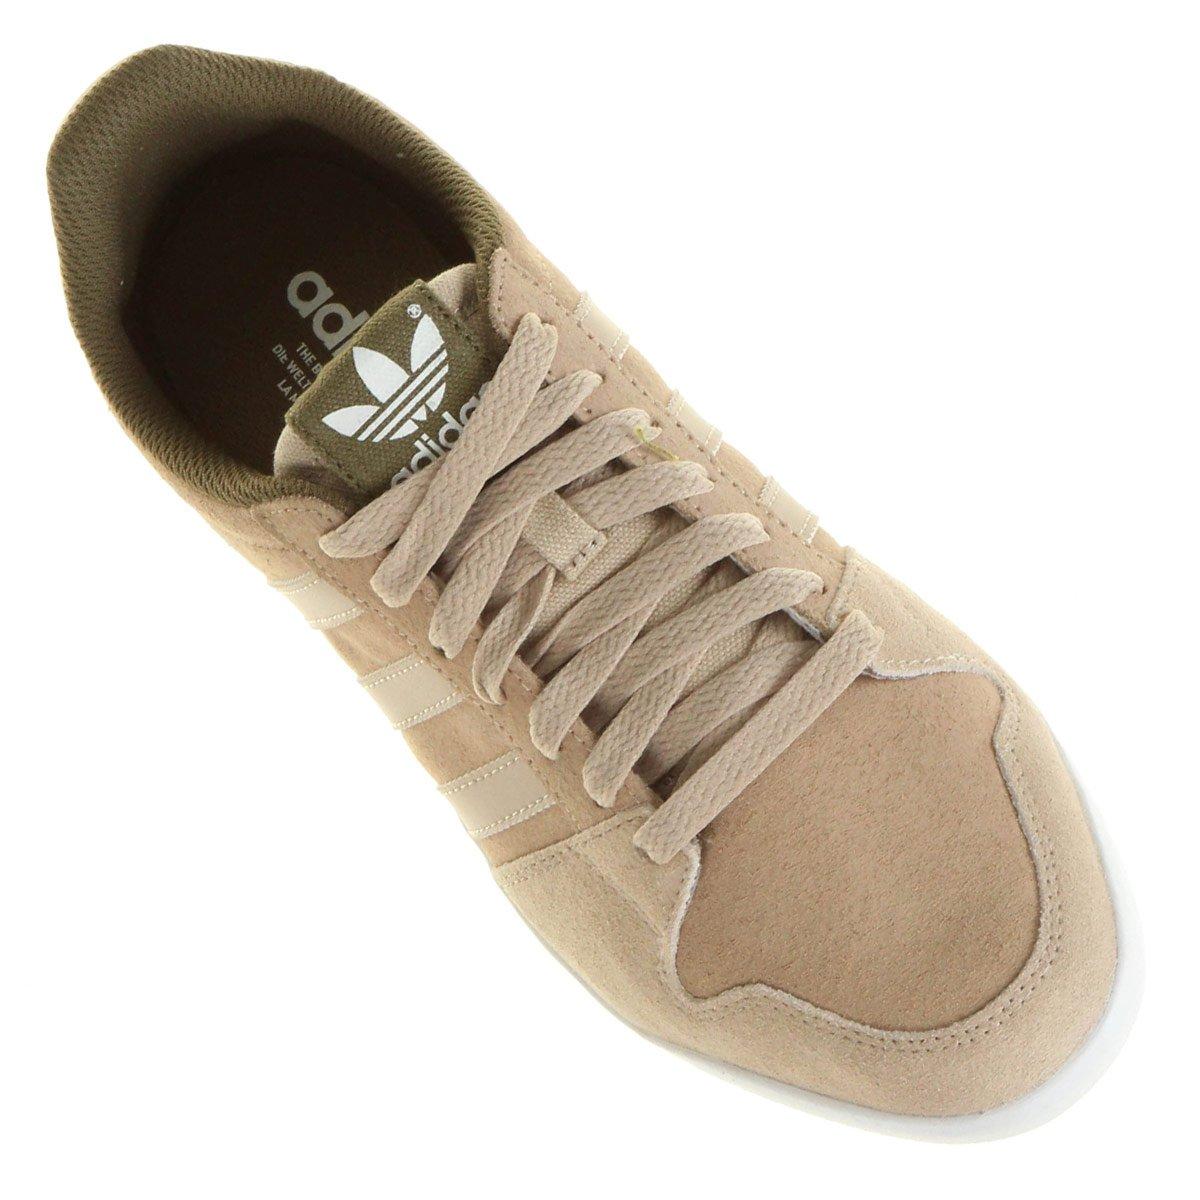 c64a127678f ... Tênis Adidas Adilago  Tênis Adidas Adilago